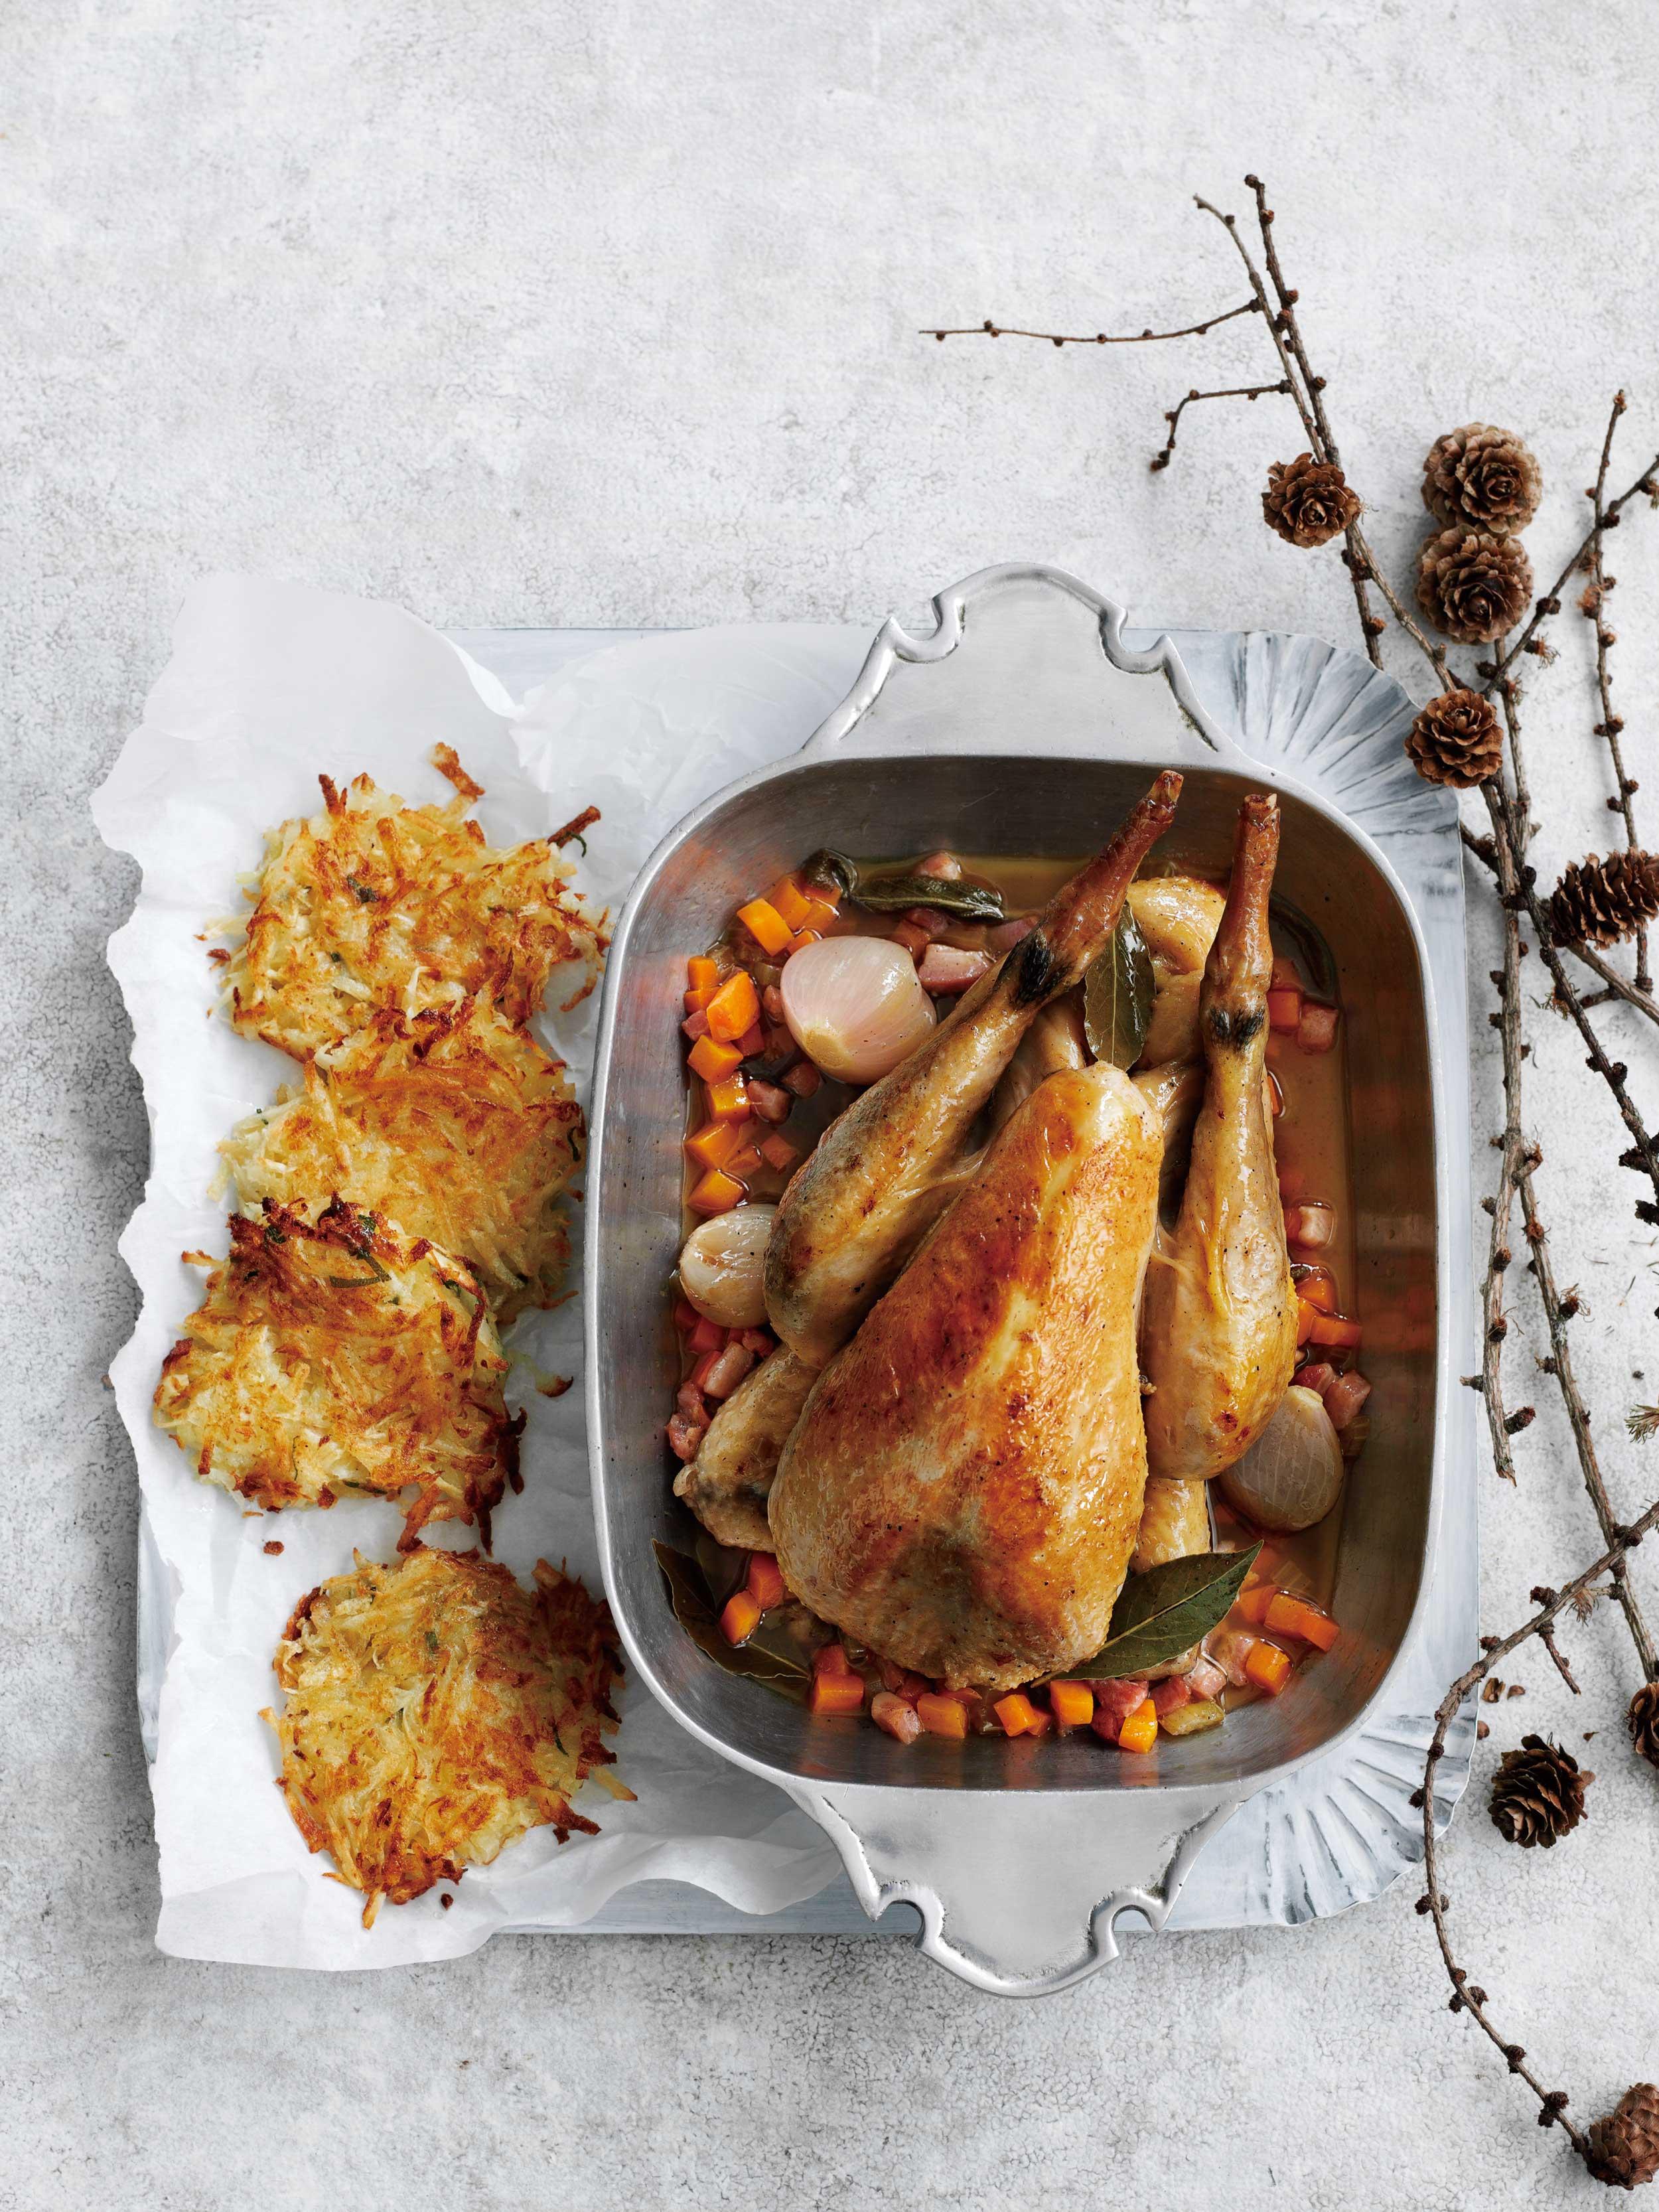 파스닙 로스티와 뿔닭 팟 로스트 © Gareth Morgans